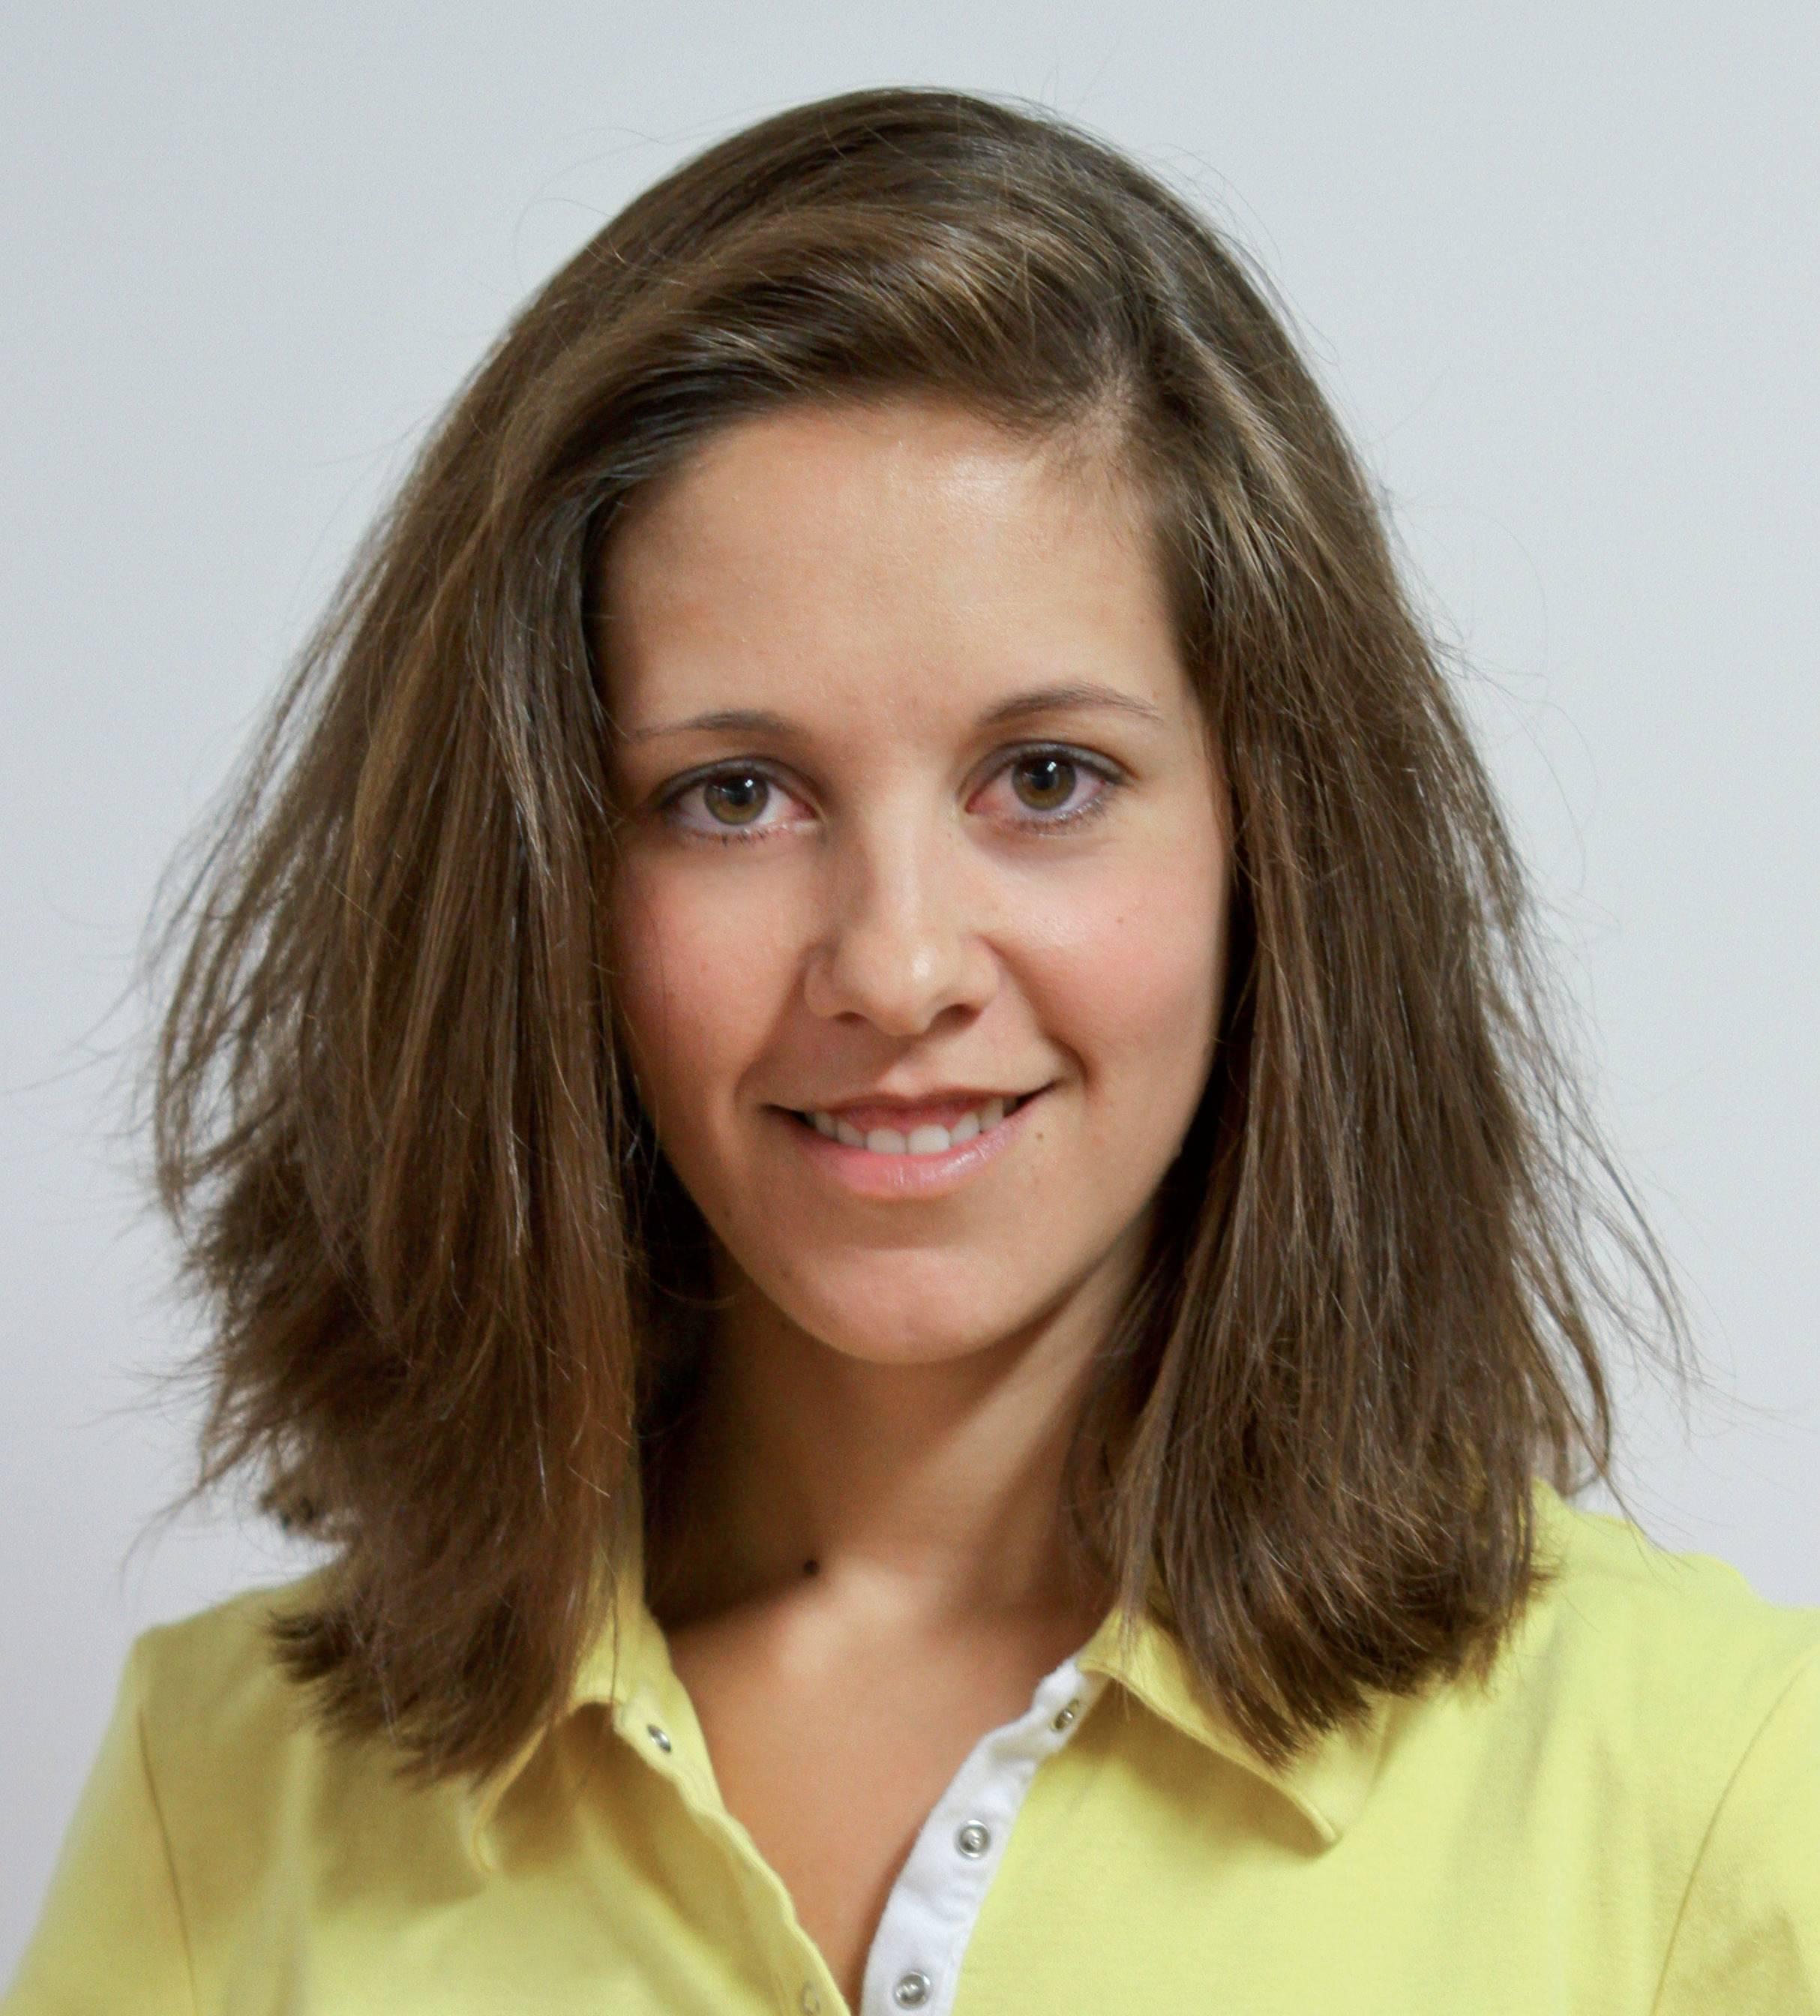 Miriam Gerardi